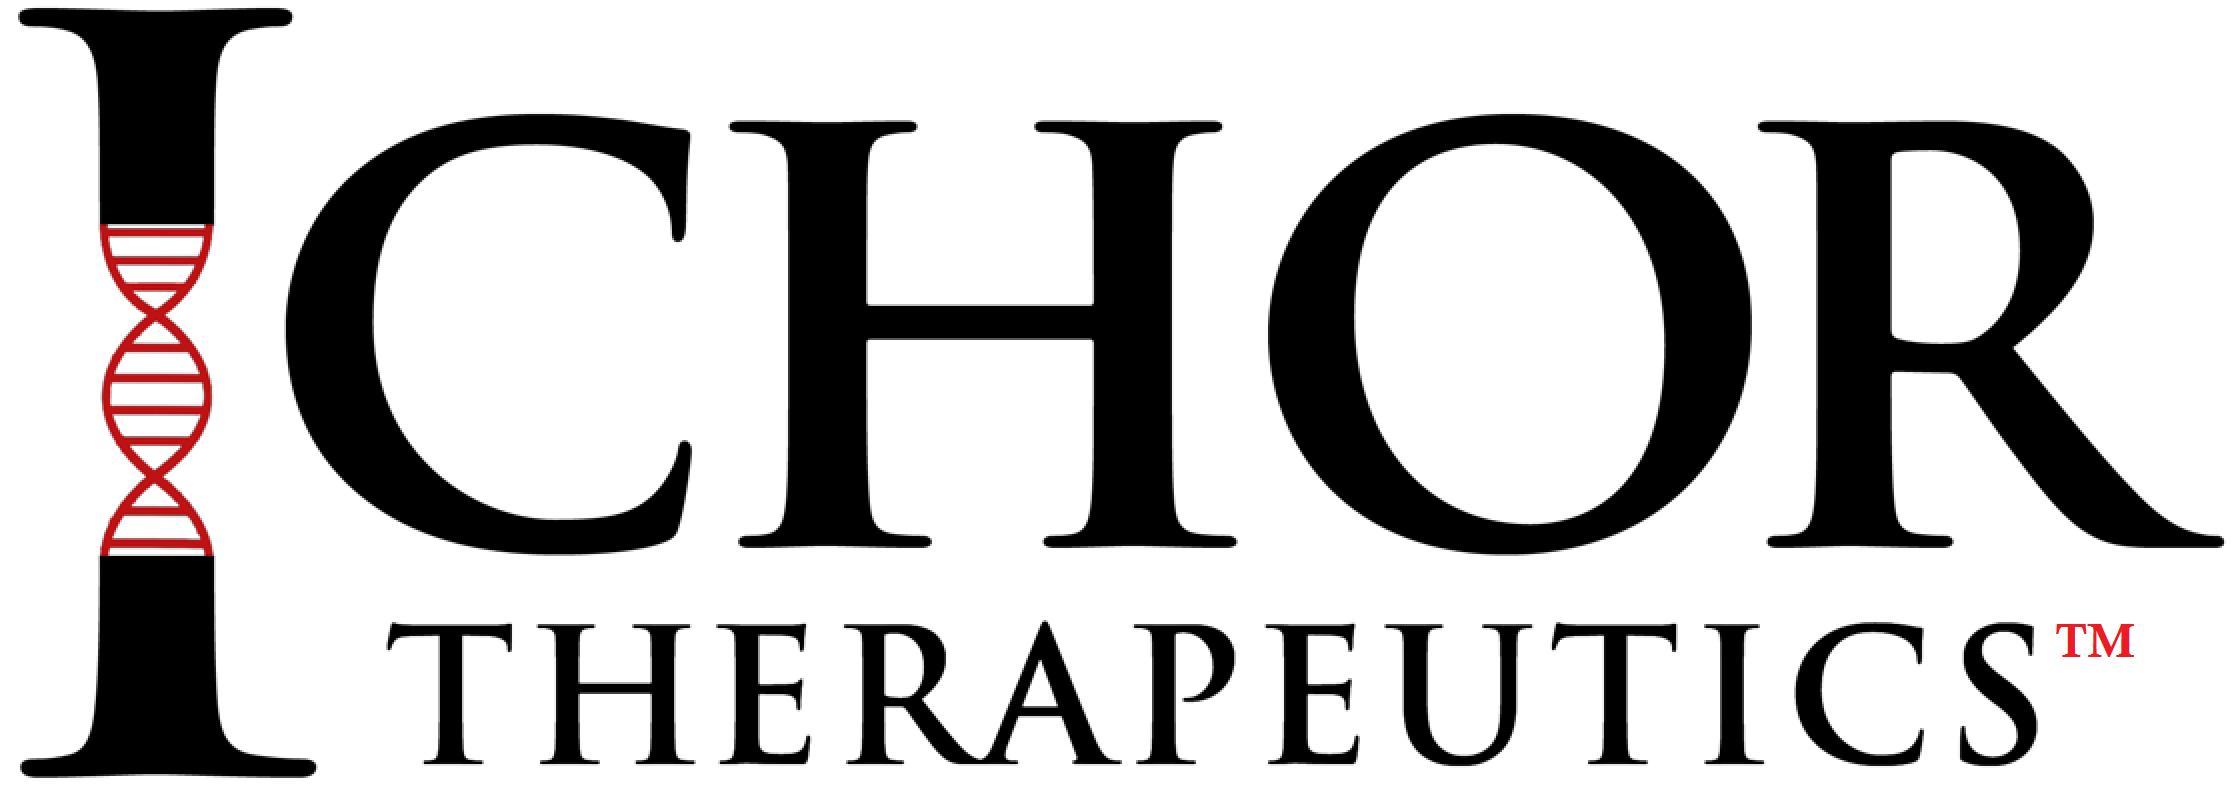 Ichor Therapeutics, Inc.